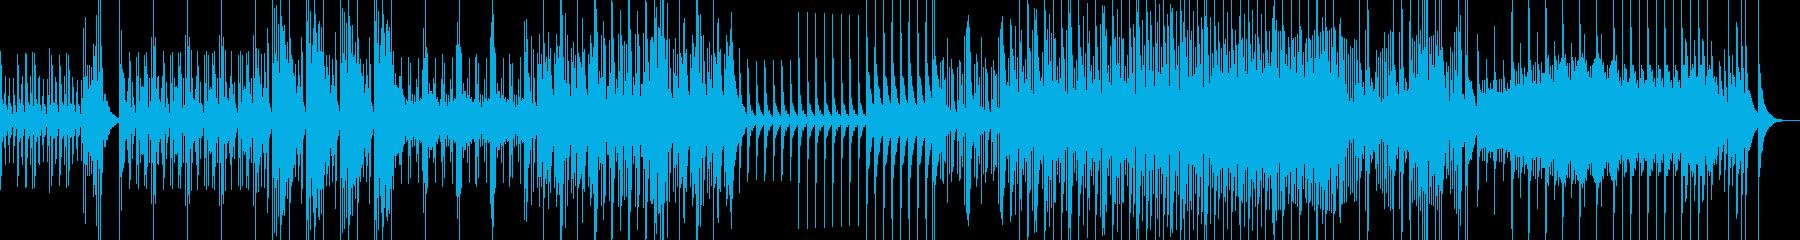 和太鼓のみの和風シーンにあうBGMの再生済みの波形